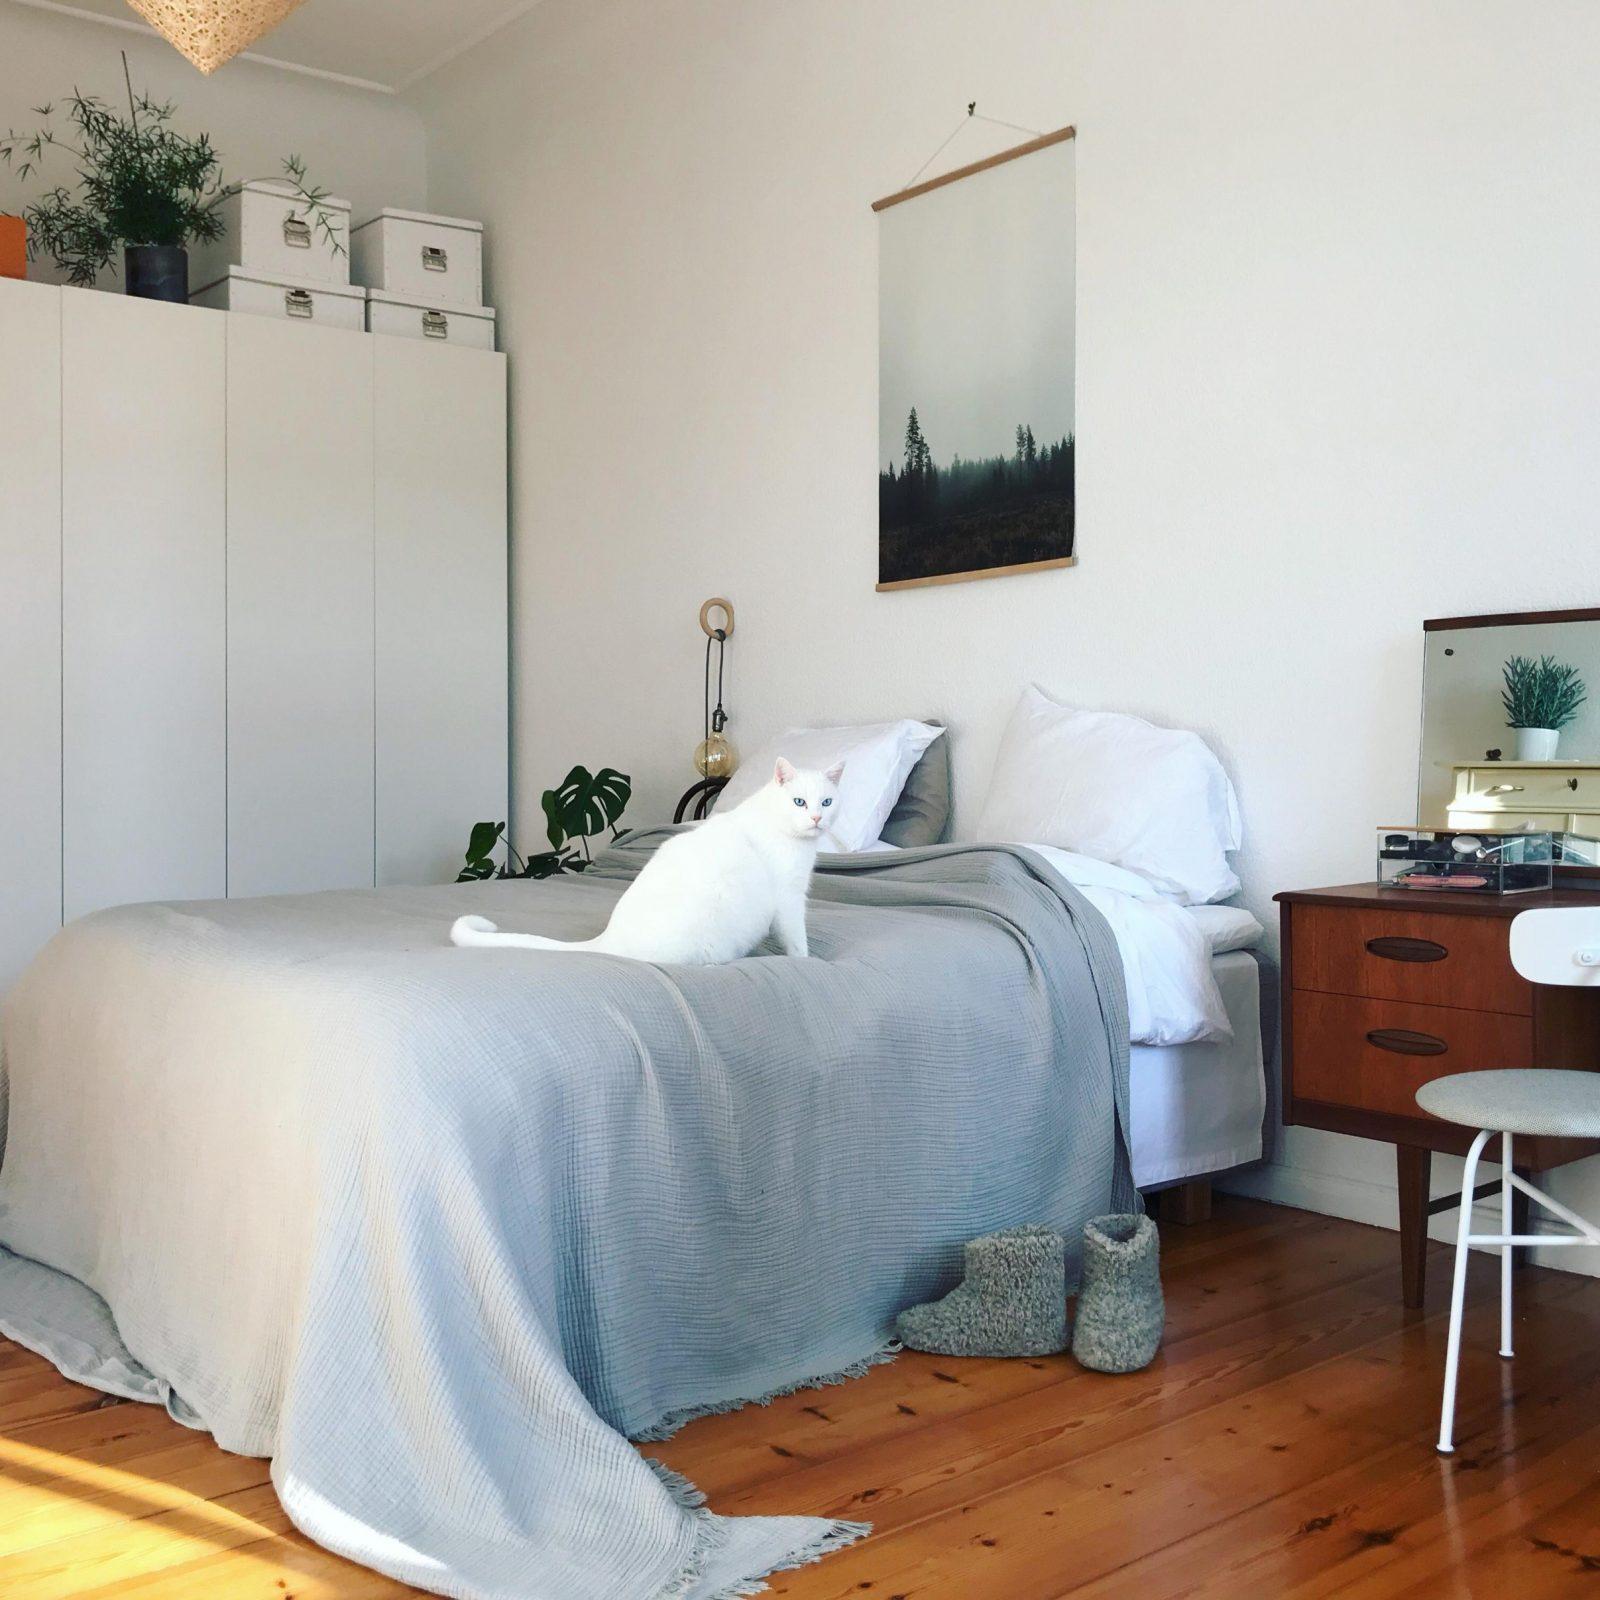 Stauraumideen Tricks Für Mehr Ordnung Bei Couch von Stauraum Ideen Schlafzimmer Bild